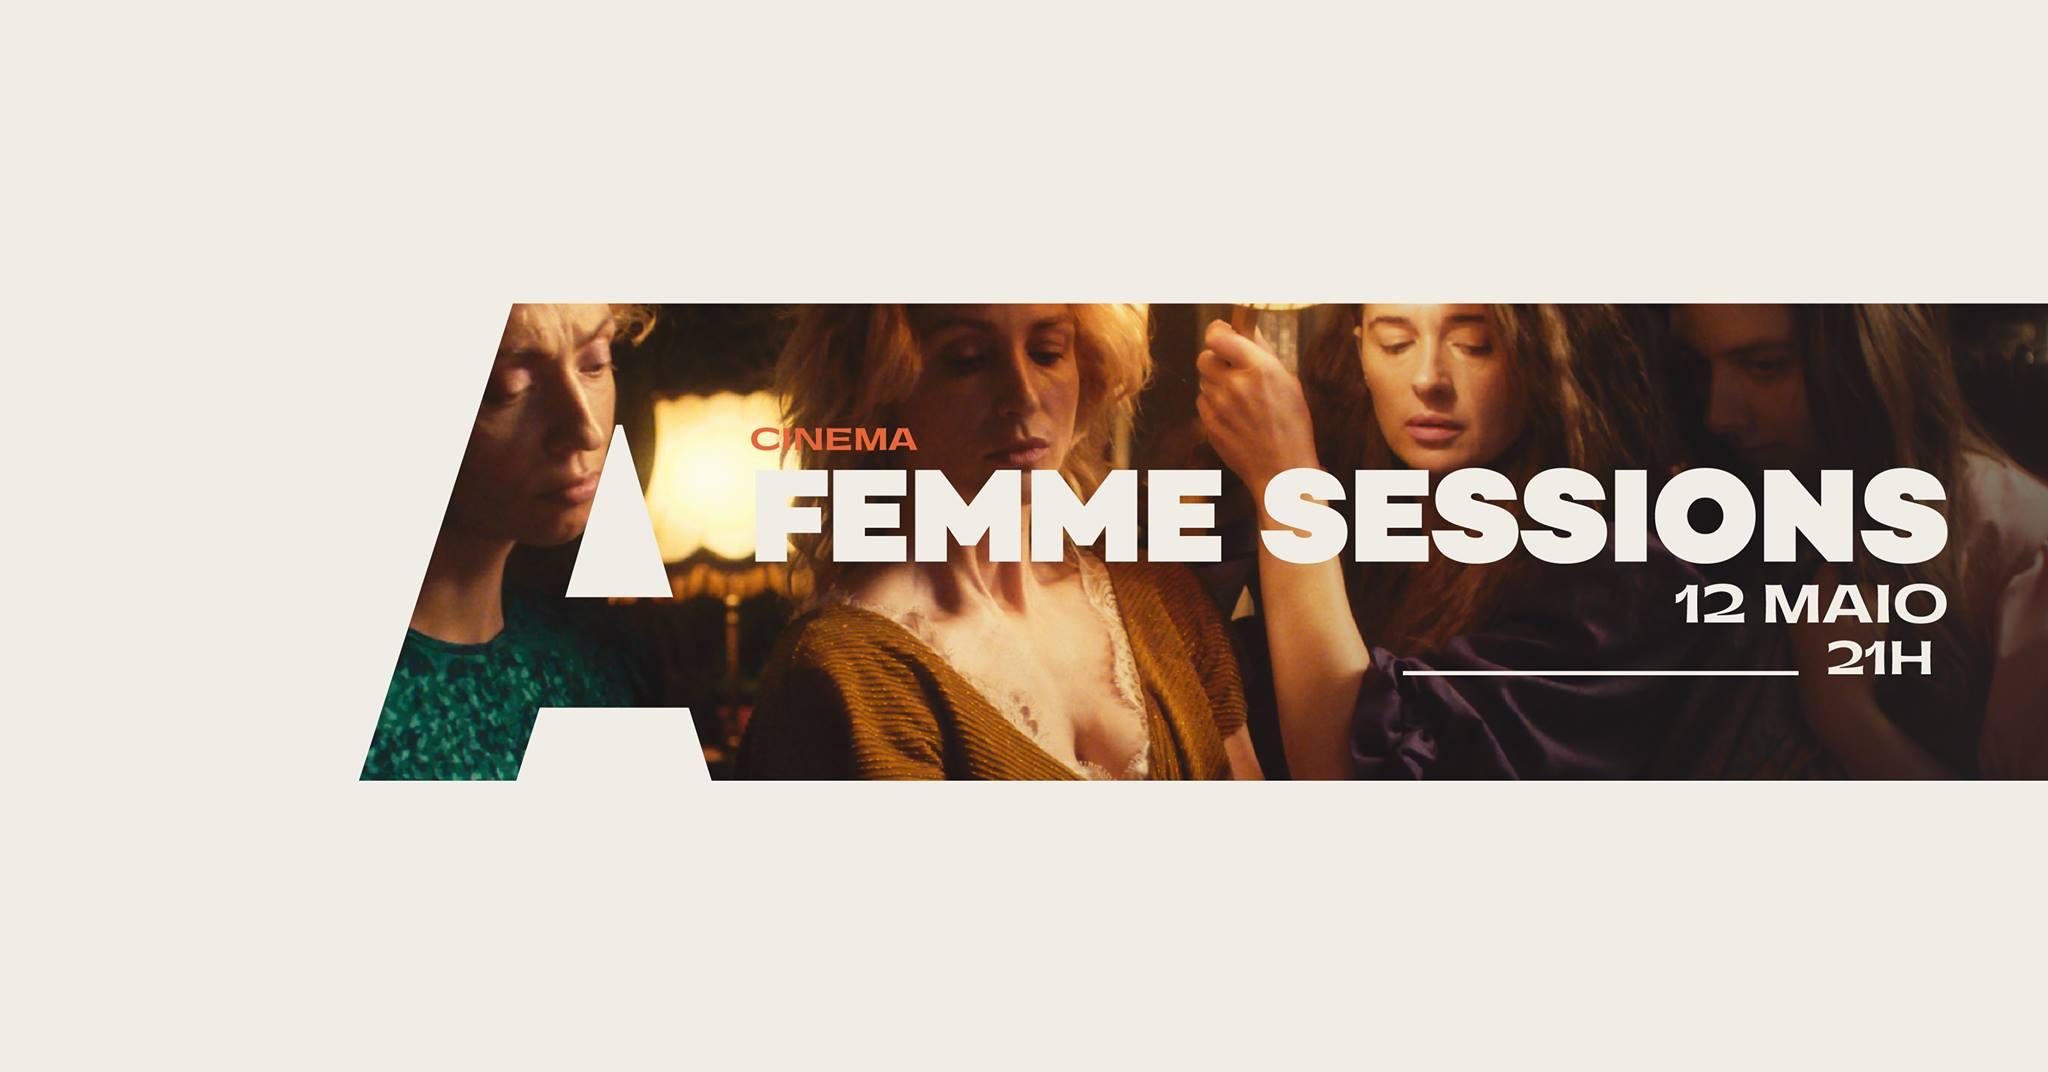 FEMME Sessions #23 | Avenida Café Concerto - Aveiro